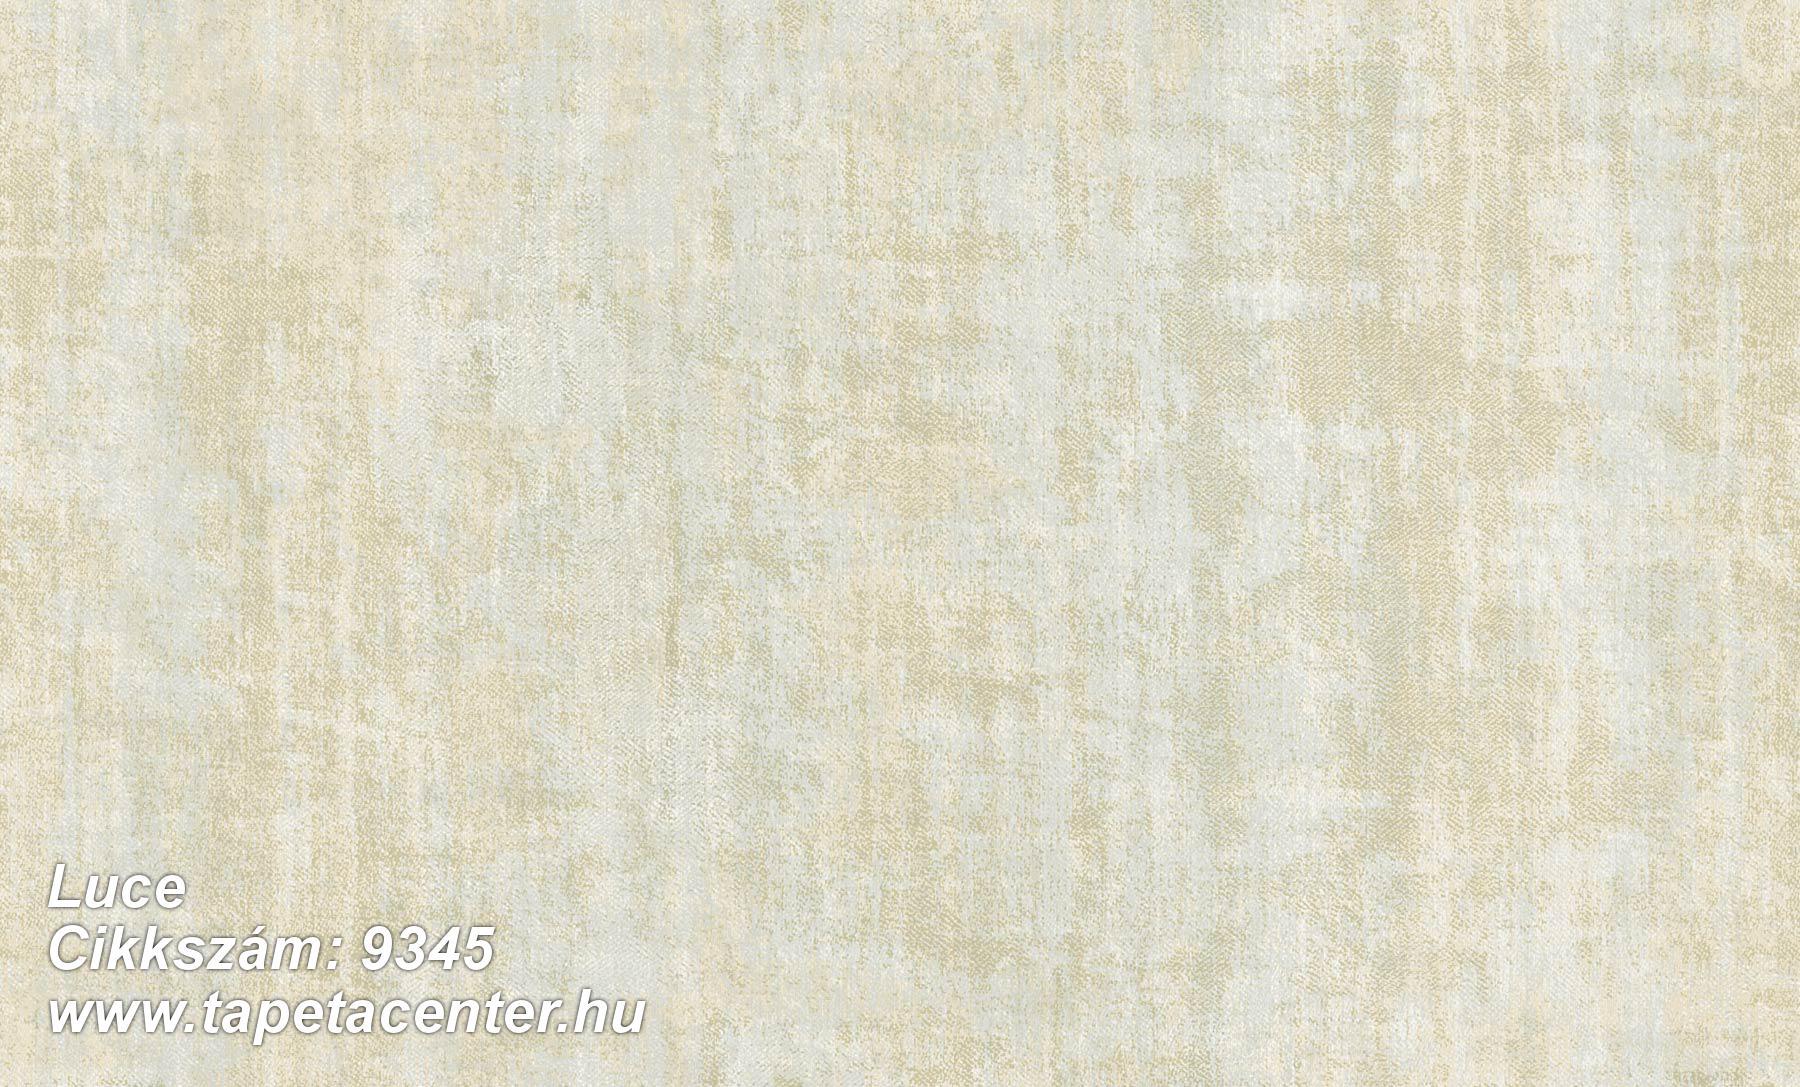 Luce - 9345 Olasz tapéta